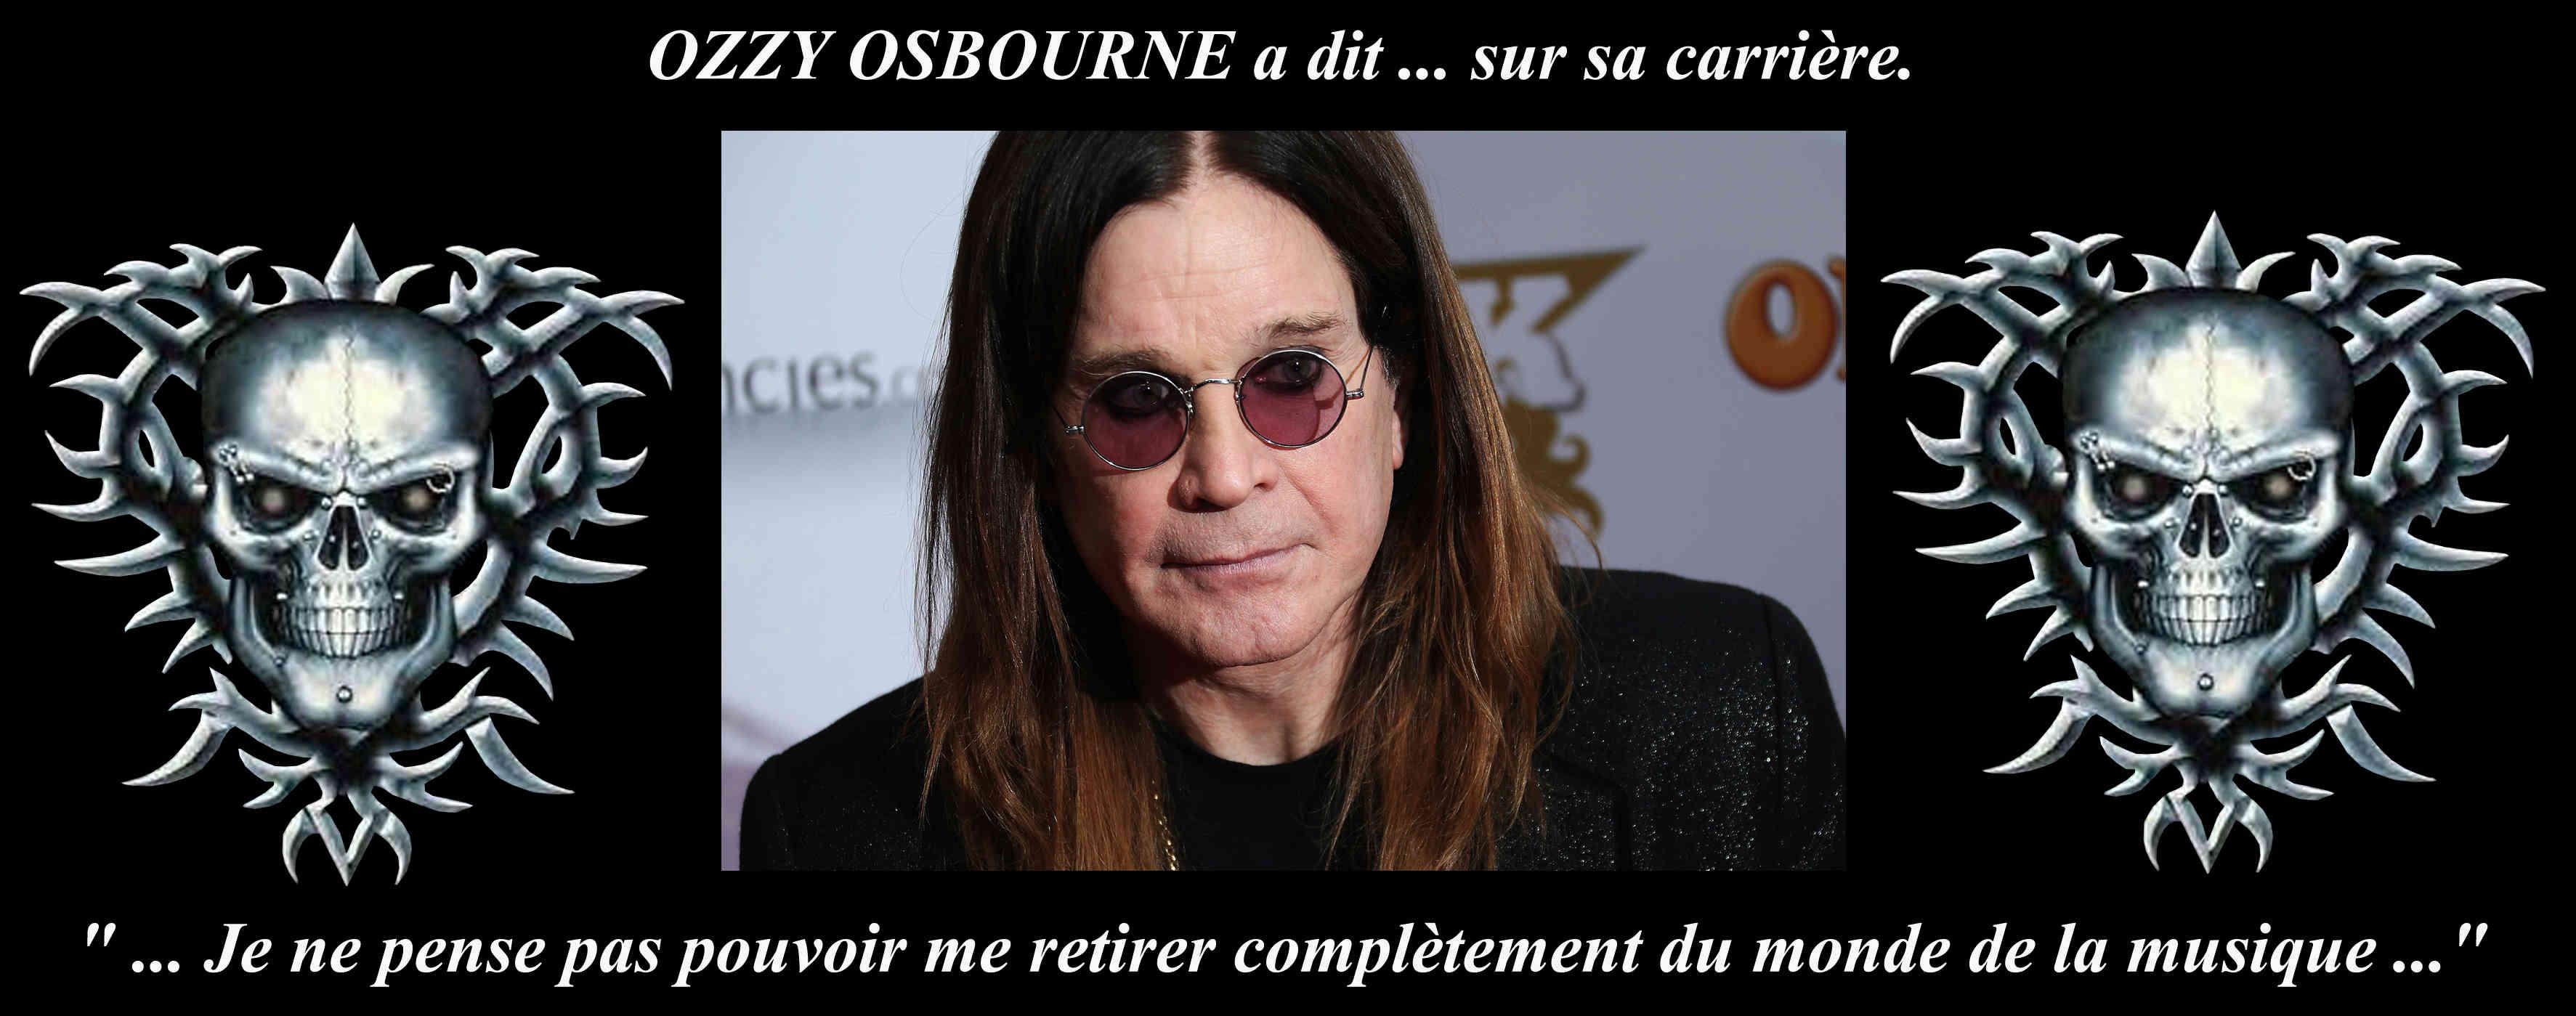 OZZY OSBOURNE a dit ... sur la continuité de sa carrière. Ozzy10